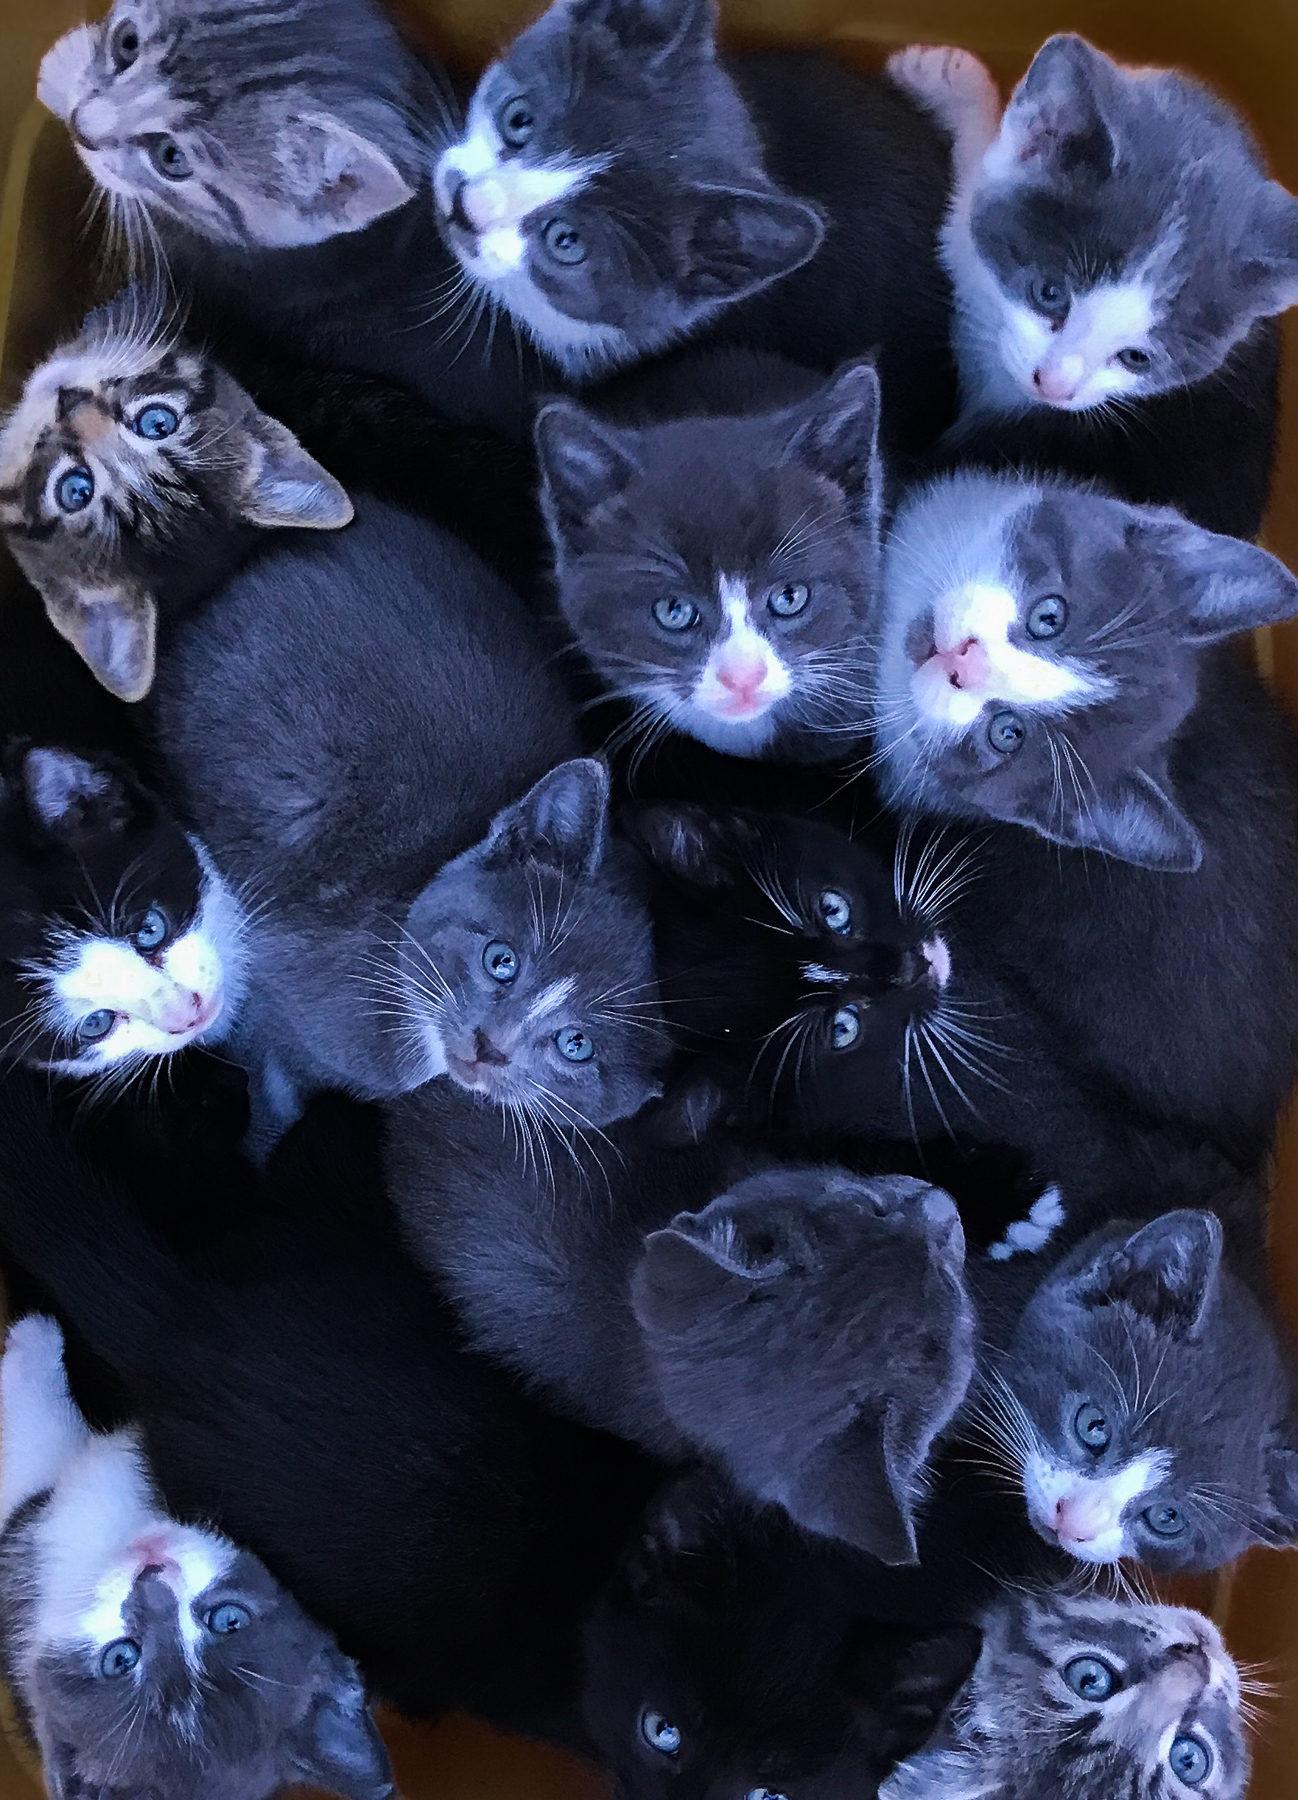 Kuscheln? Im Sommer gab es gleich 16 Babykatzen zu versorgen. Ausnahmezustand bei den Fletchers.